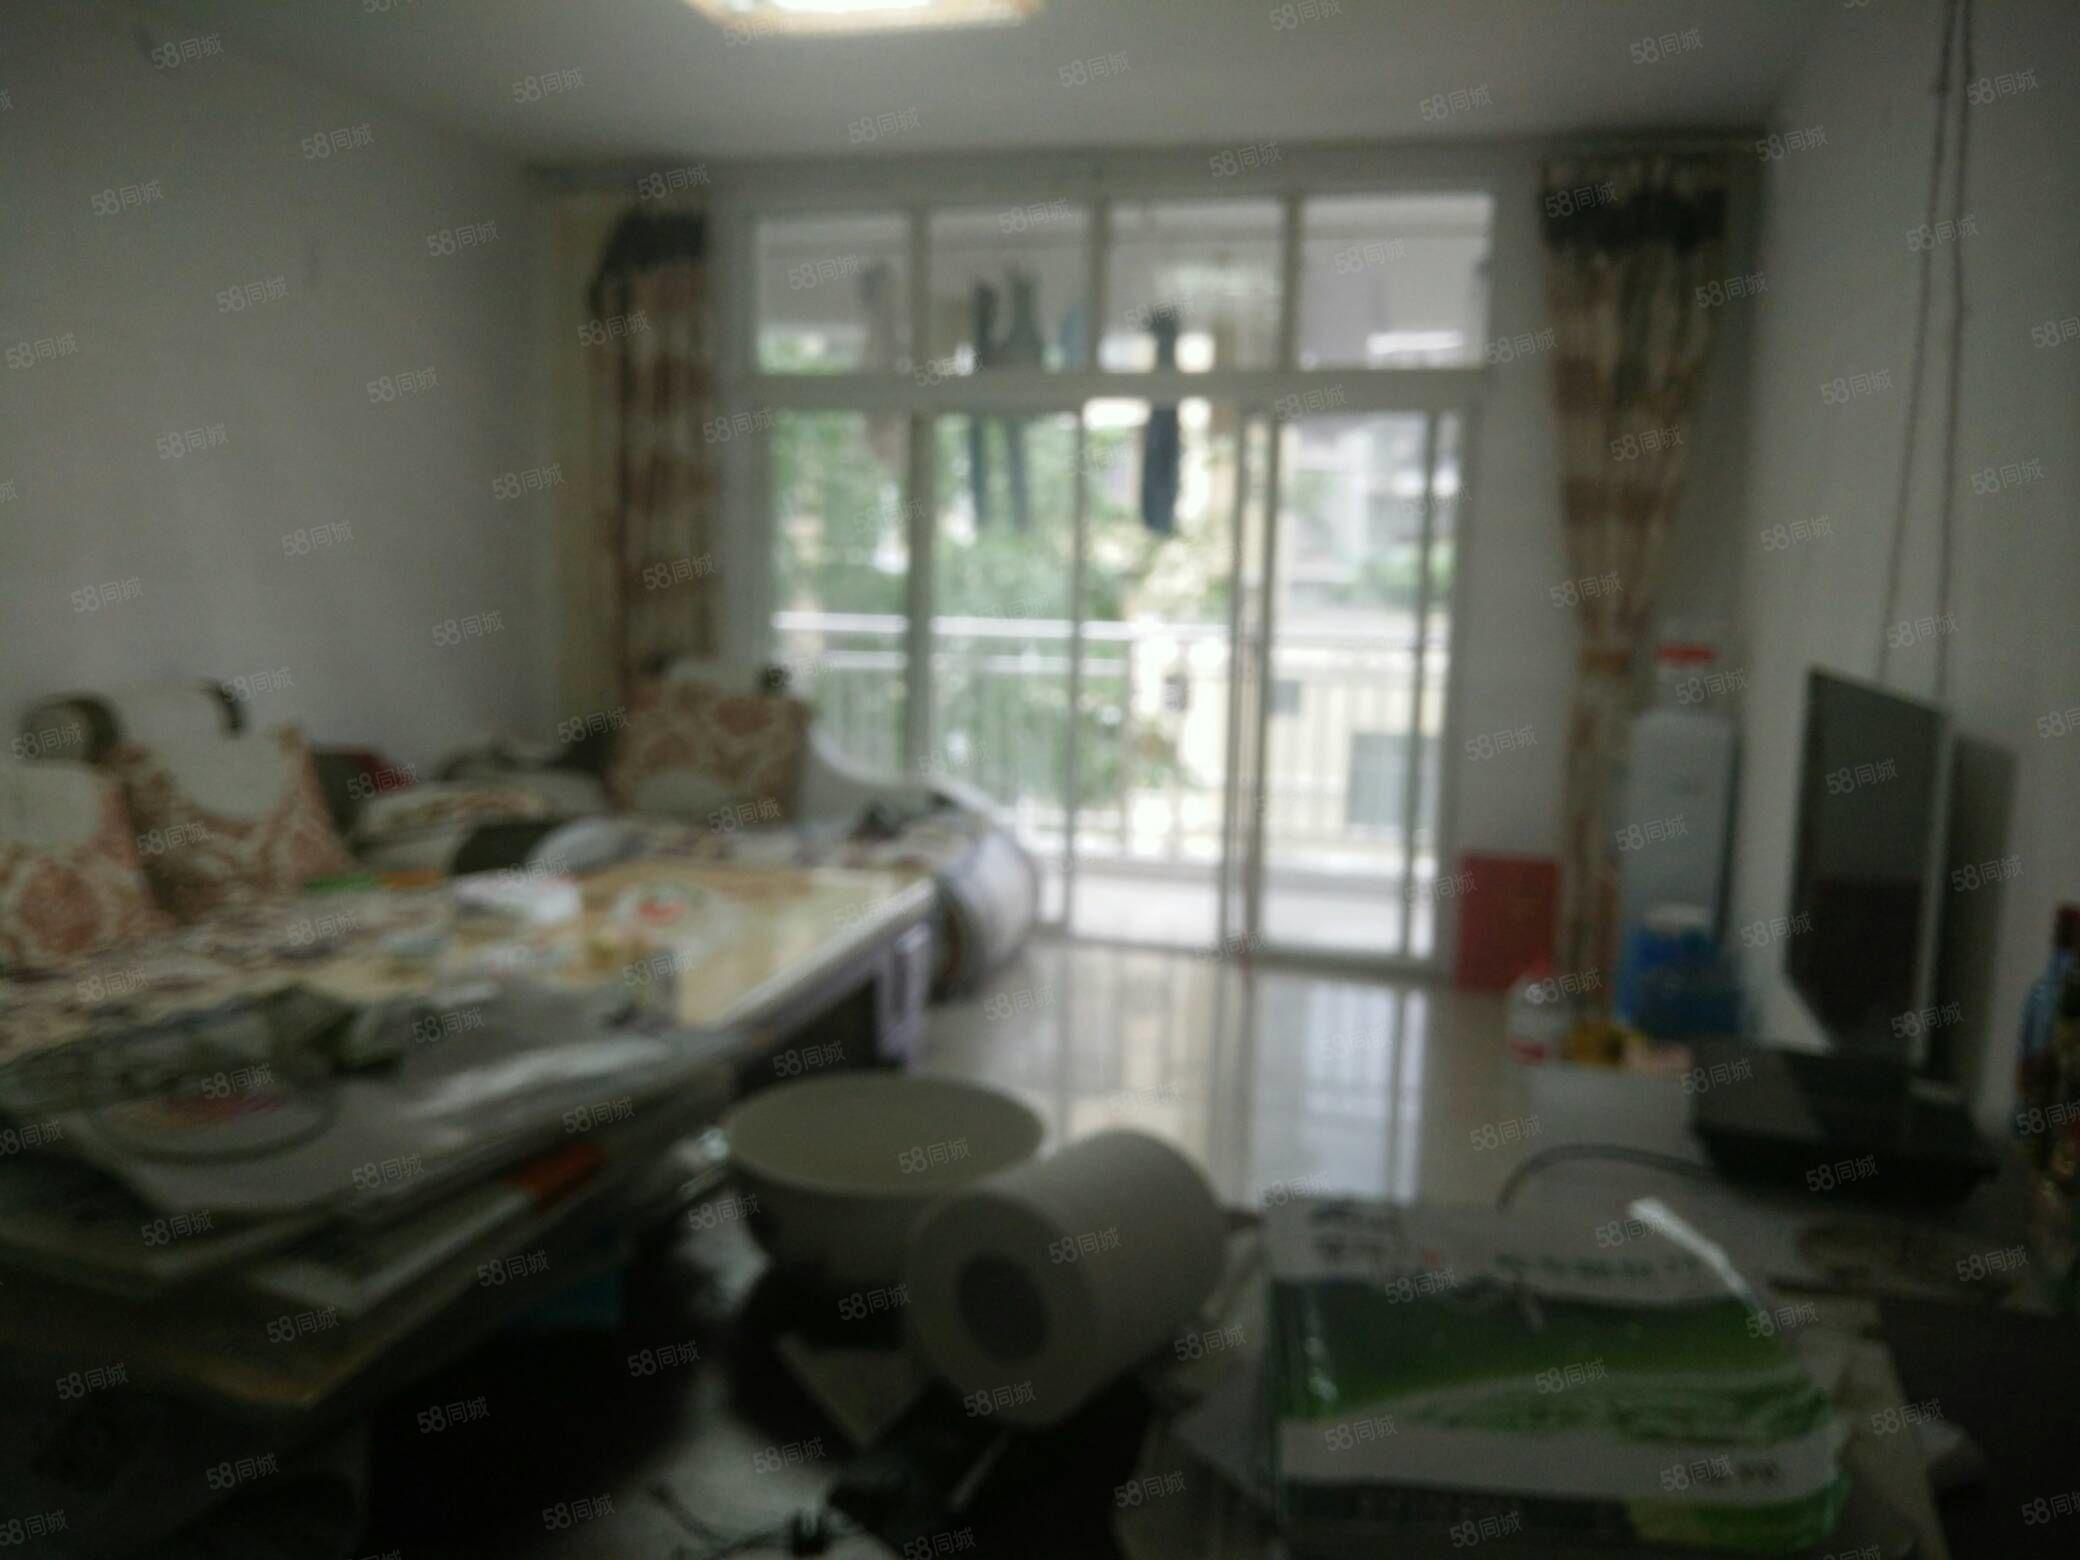 县中隔壁房屋出租3室2厅2卫家具家电齐全。